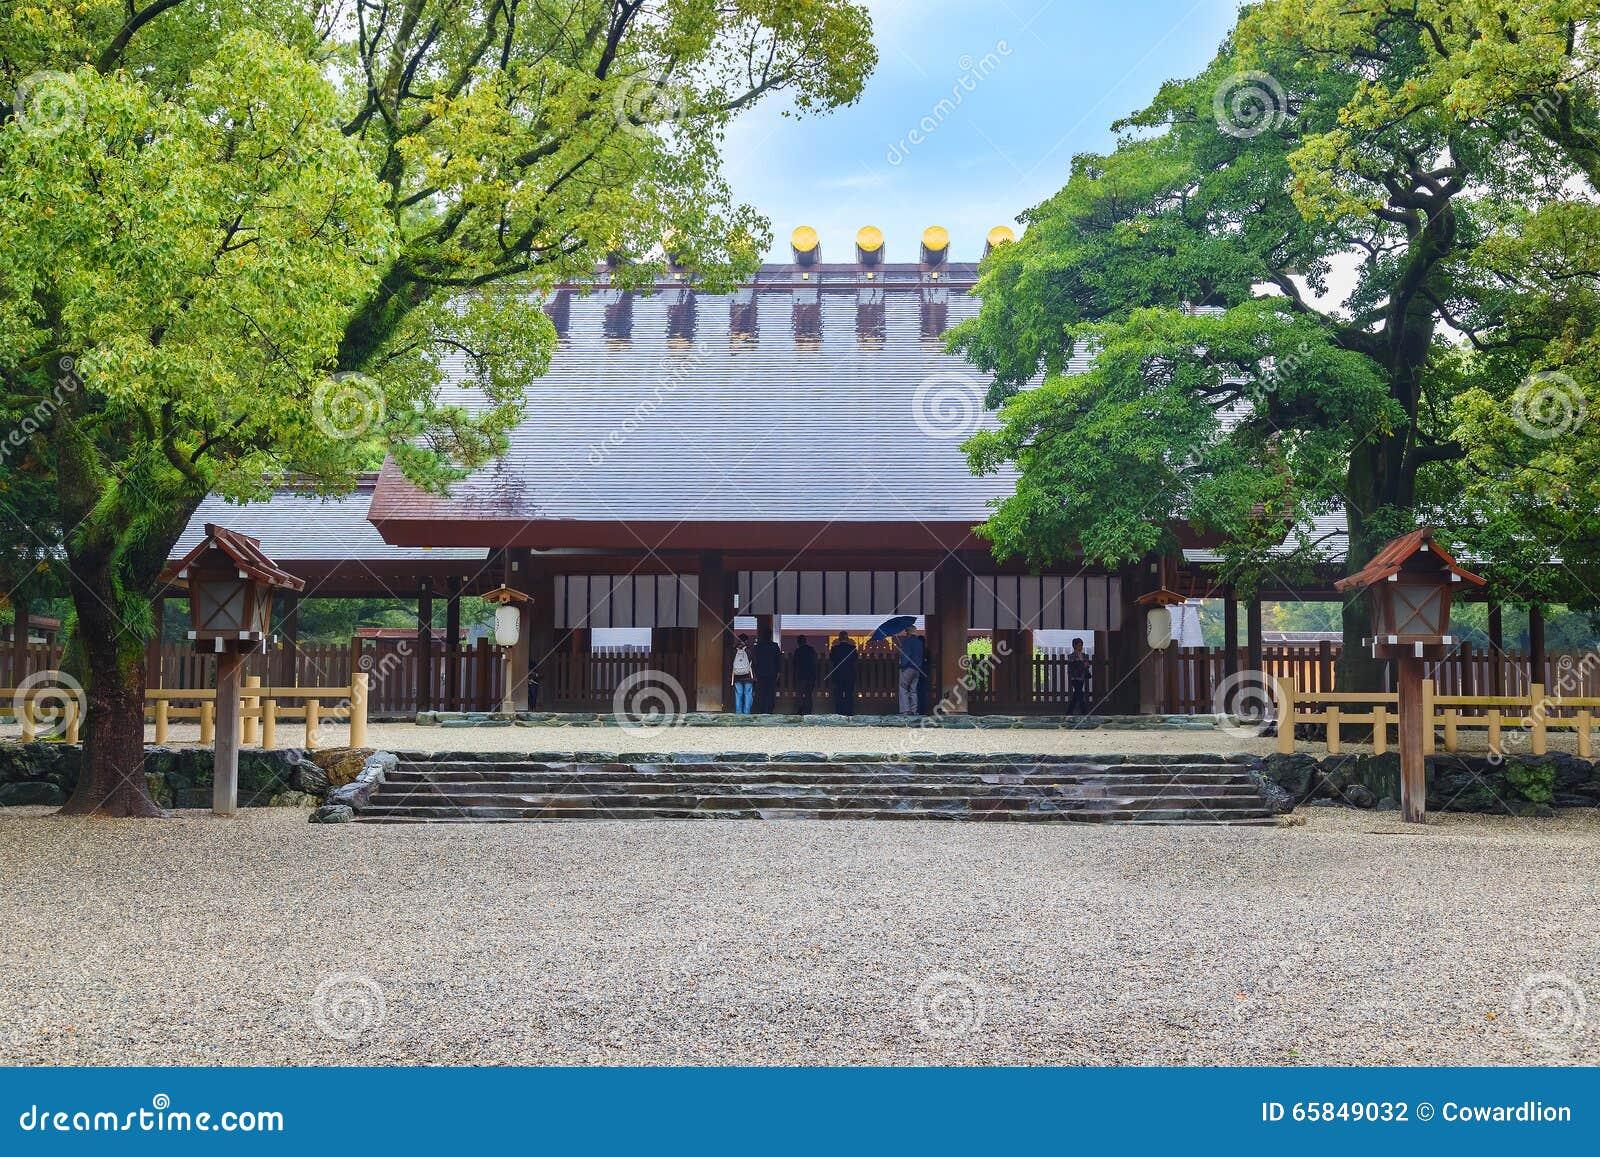 Atsuta-jingu (Atsuta Shrine) in Nagoya, Japan